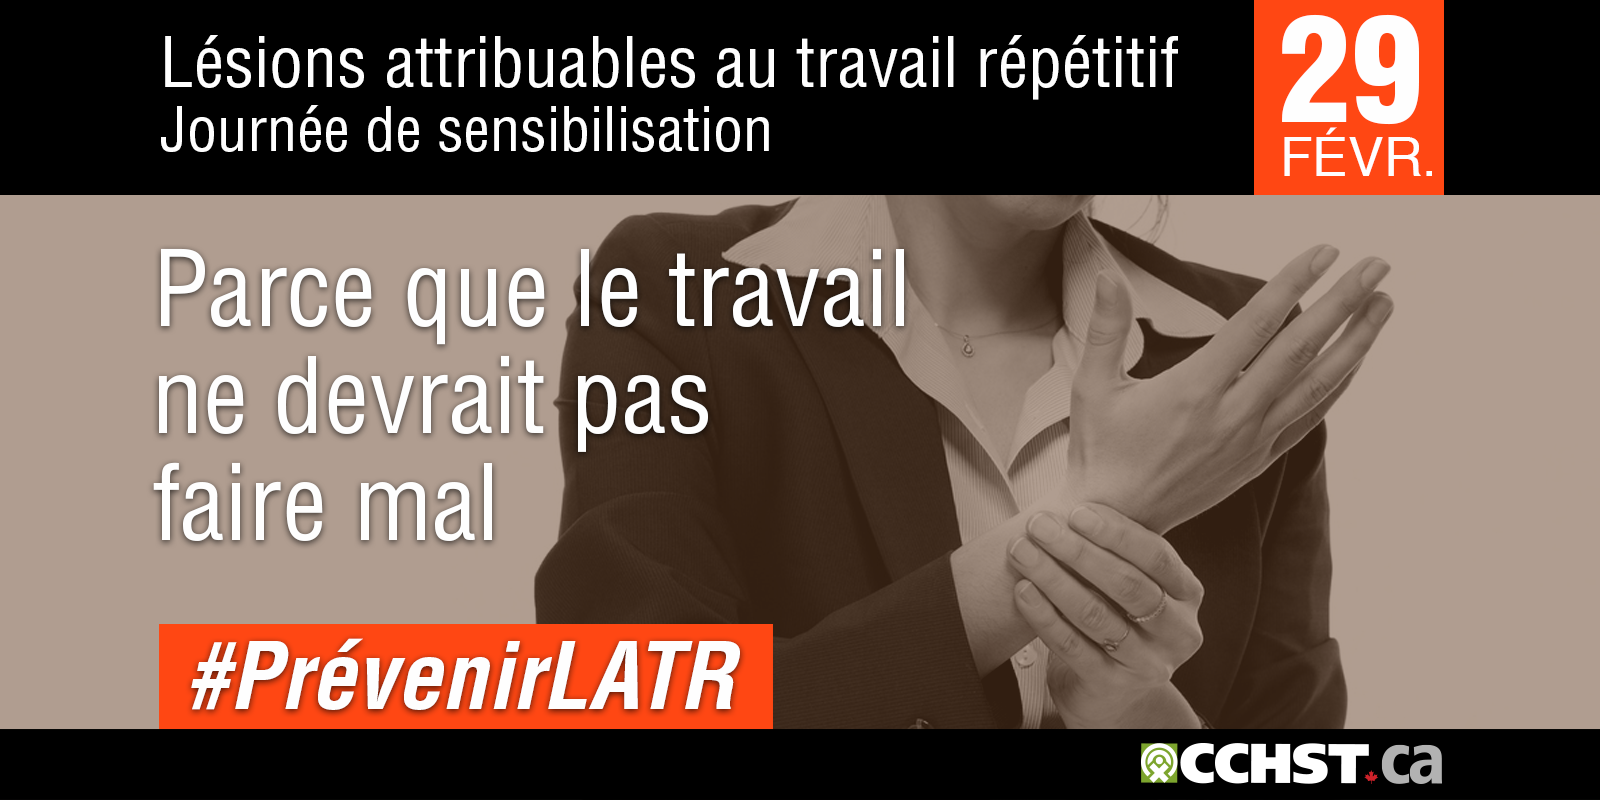 Lésions attribuables au travail répétitif Journée de sensibilisation aux LATR - 1